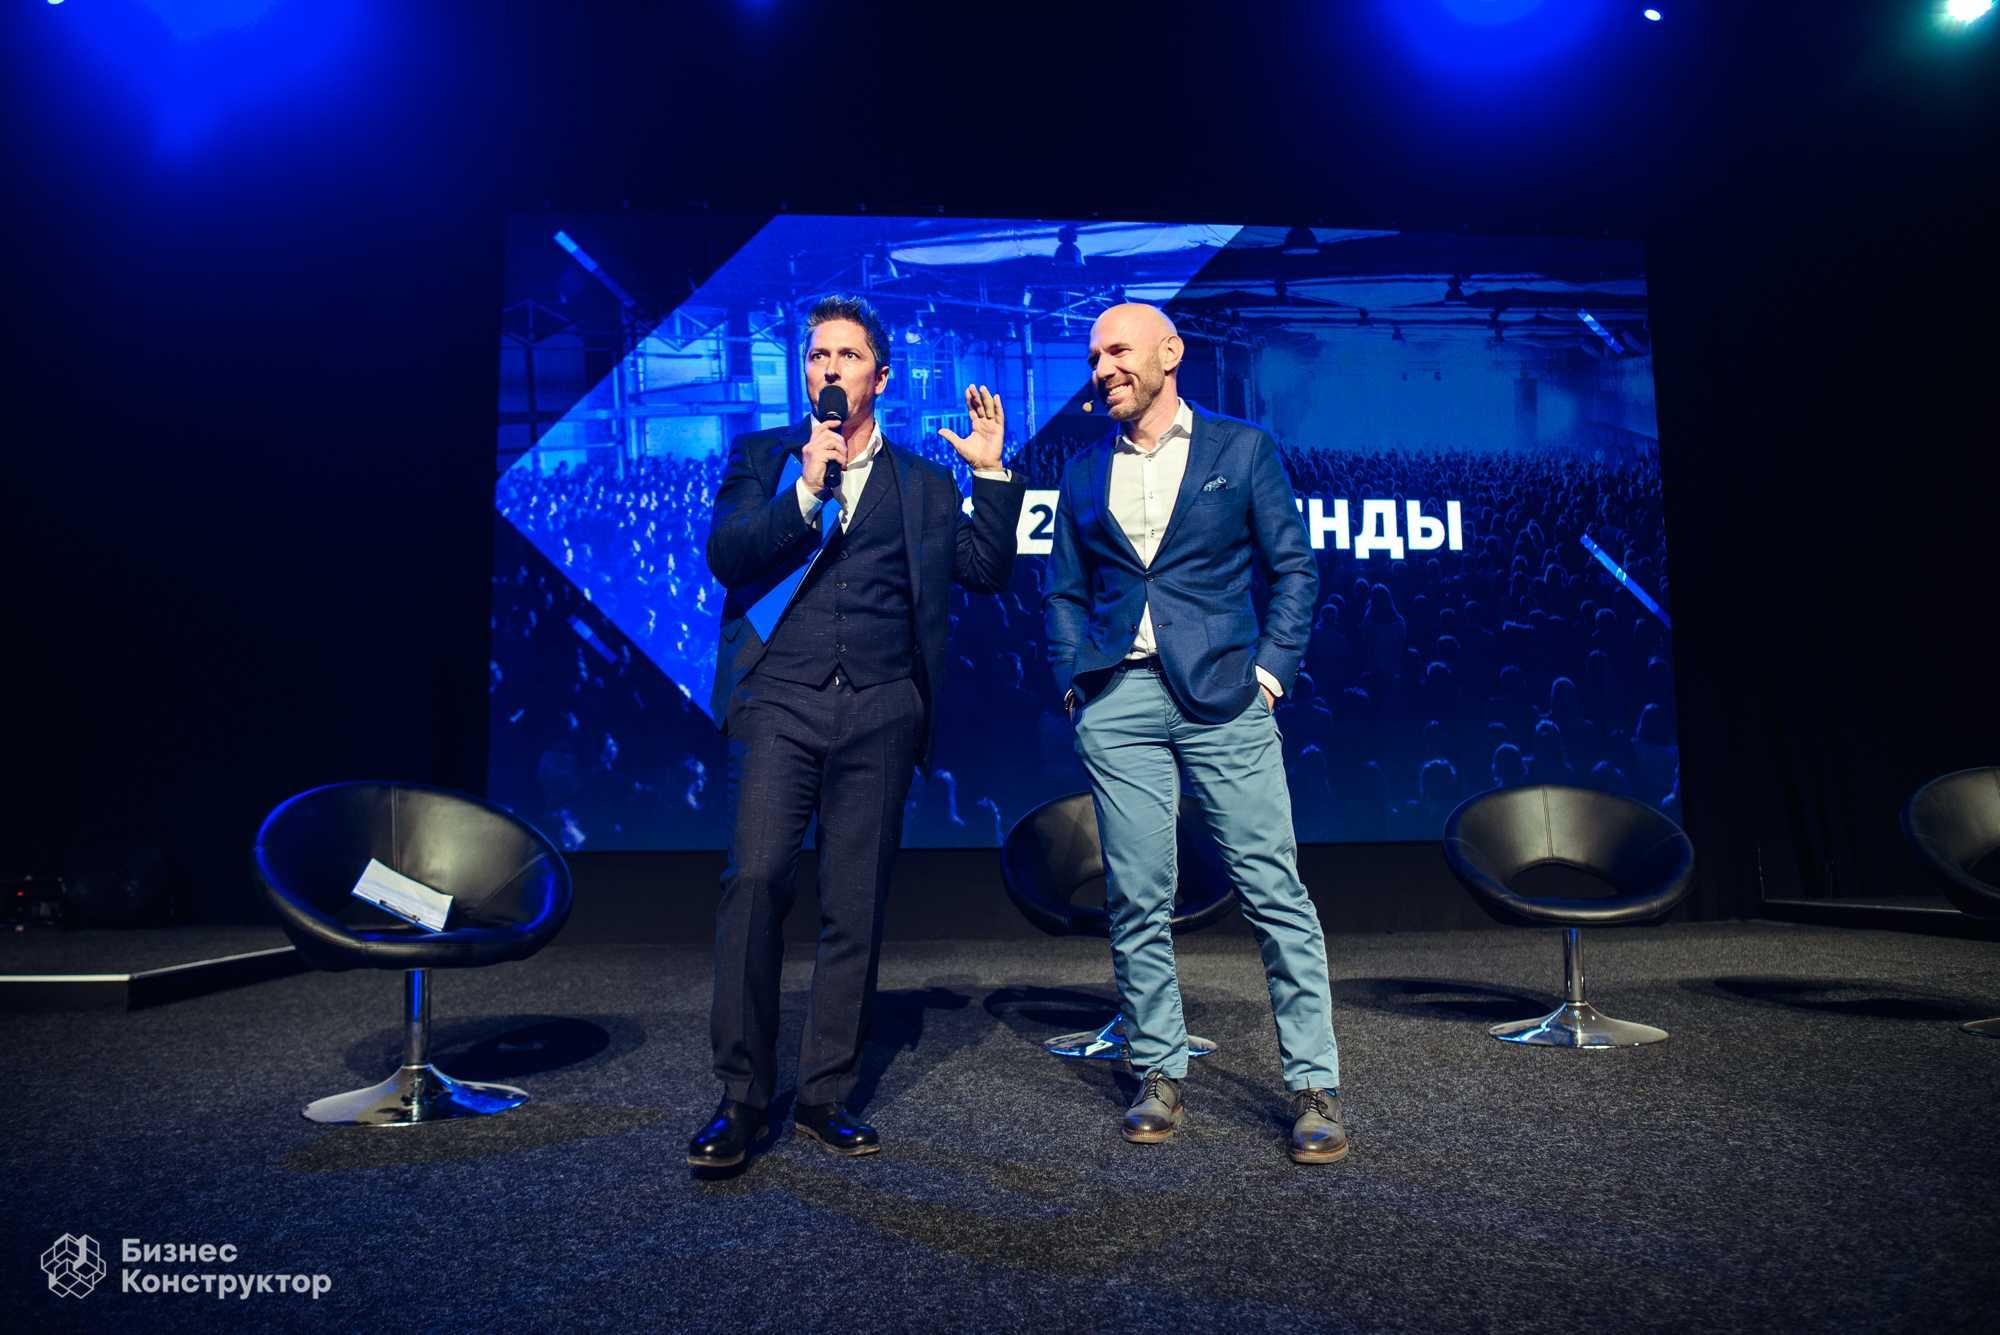 Утрись, xiaomi: ищем смартфоны с nfc до 15 тысяч рублей